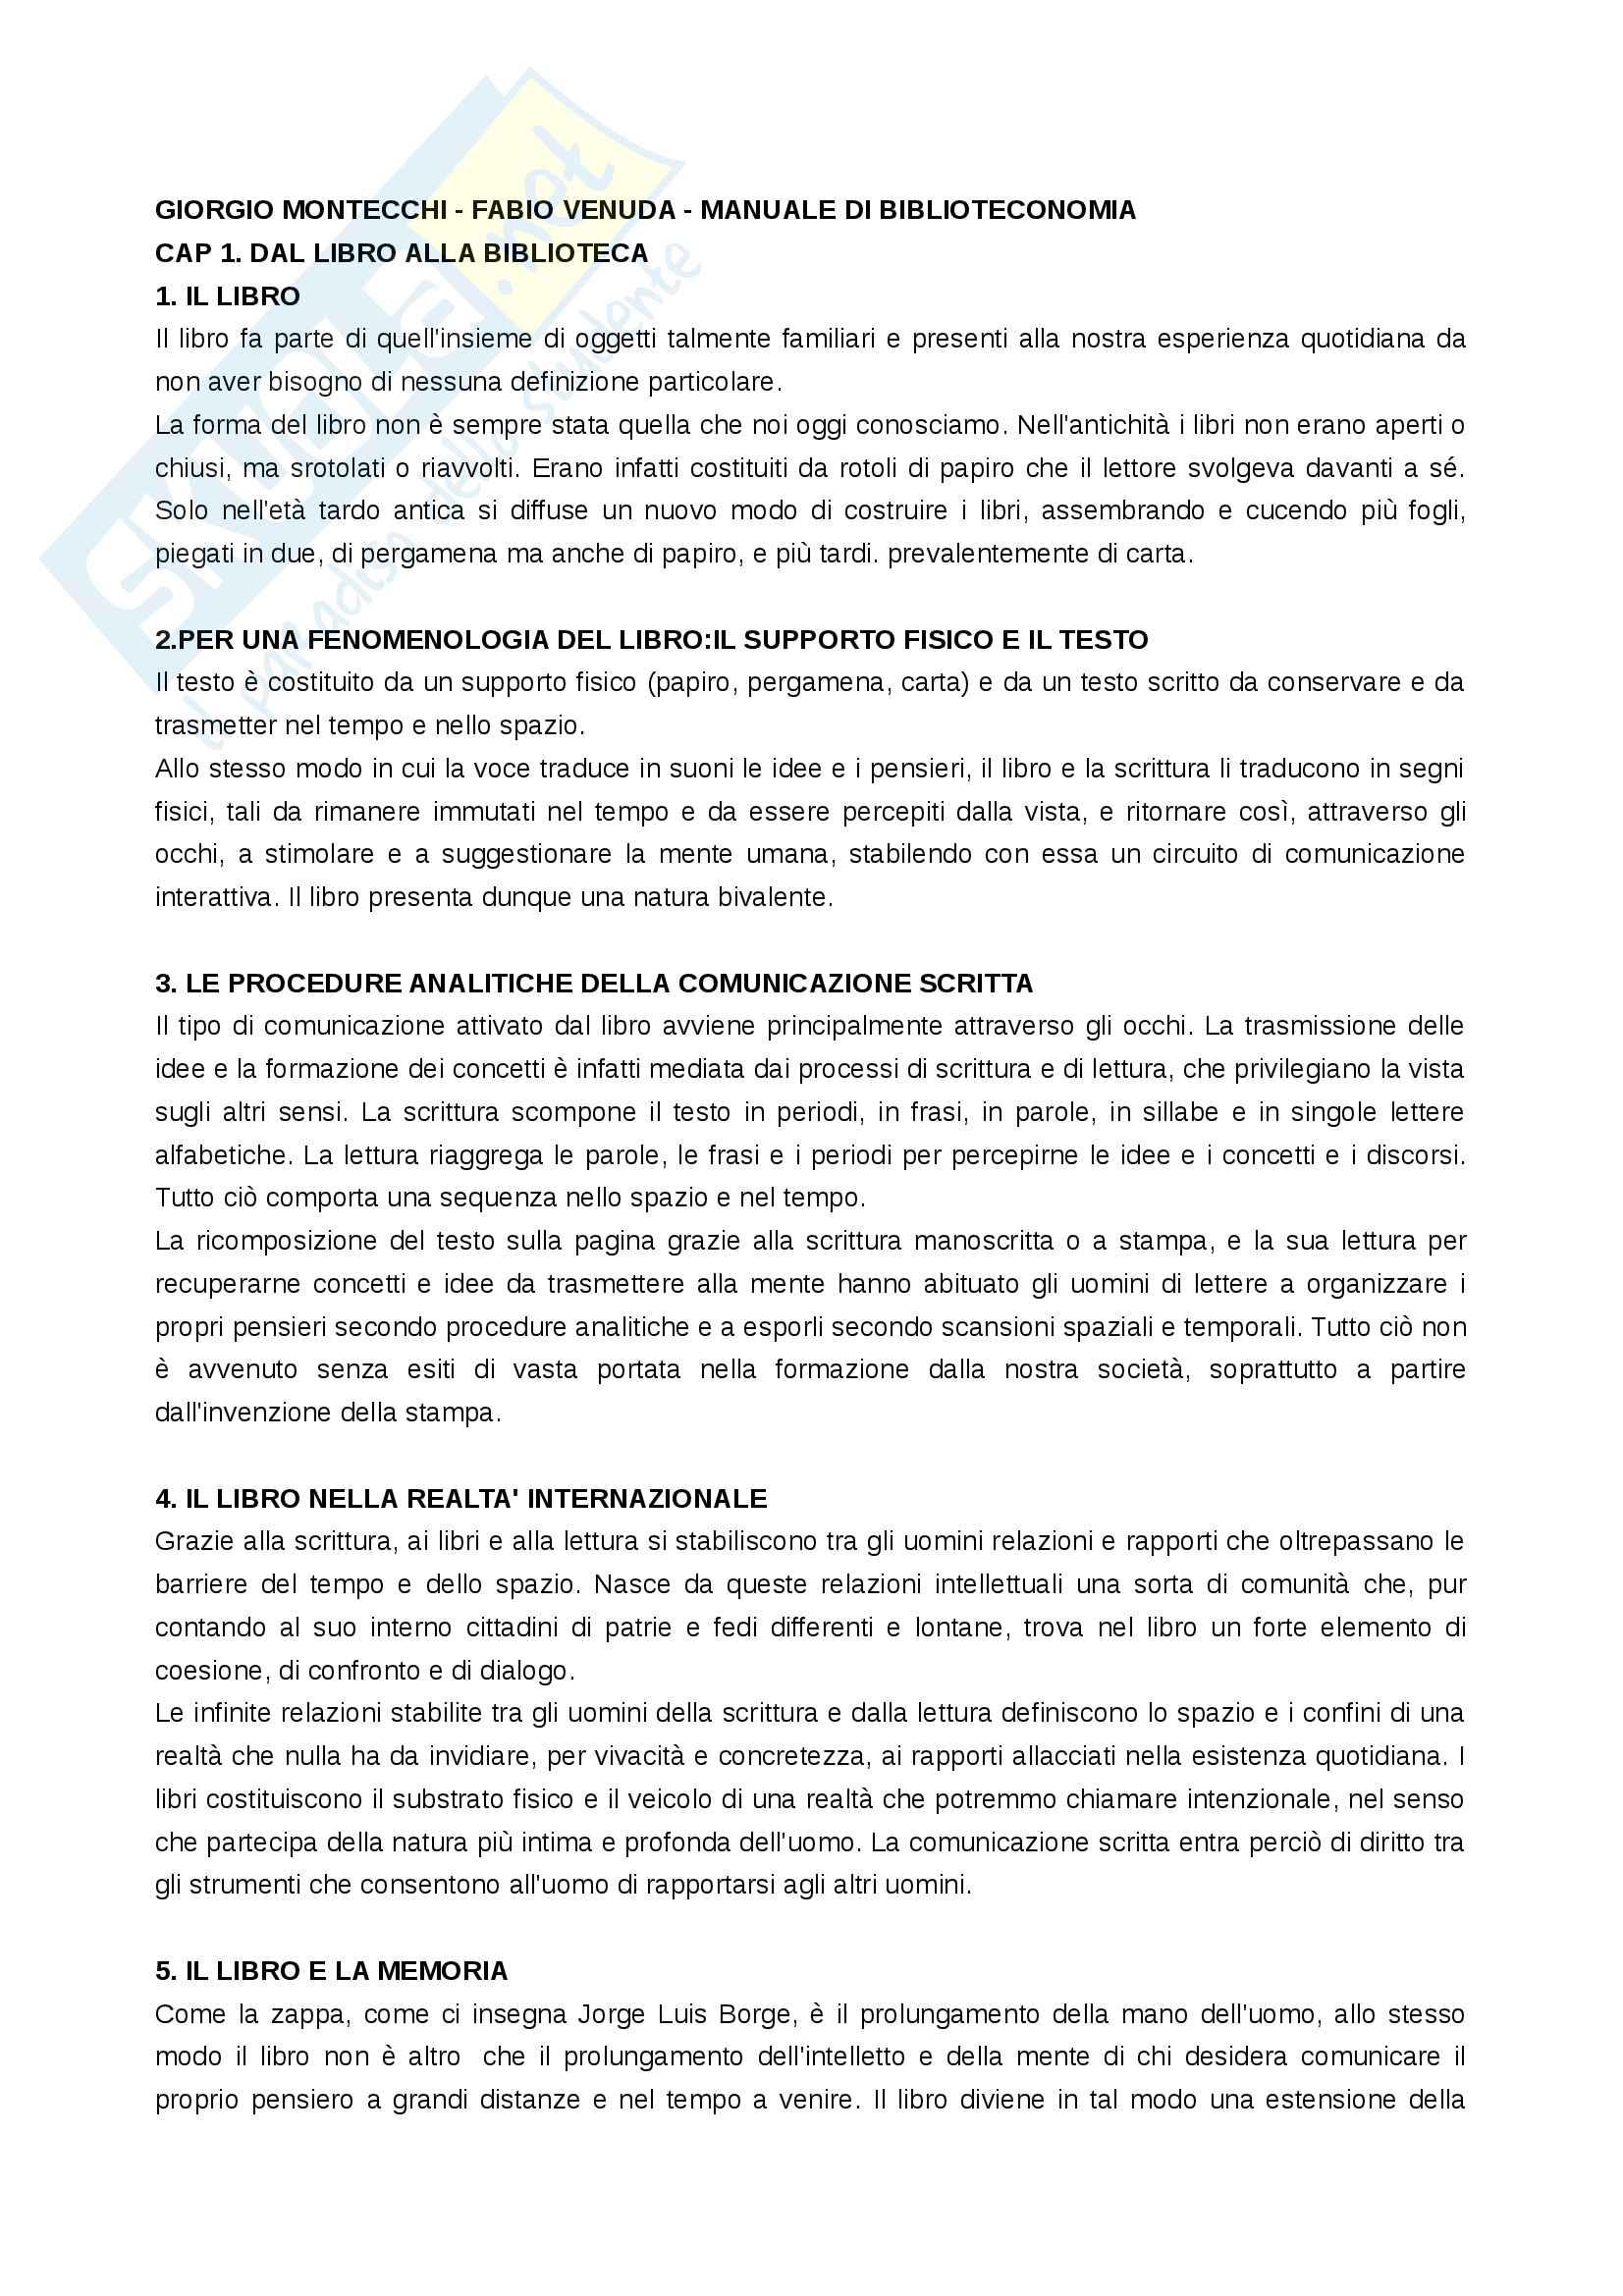 Riassunto esame Biblioteconomia, prof. Montecchi, libro consigliato: Manuale di Biblioteconomia di Giorgio Montecchi e Fabio Venuda